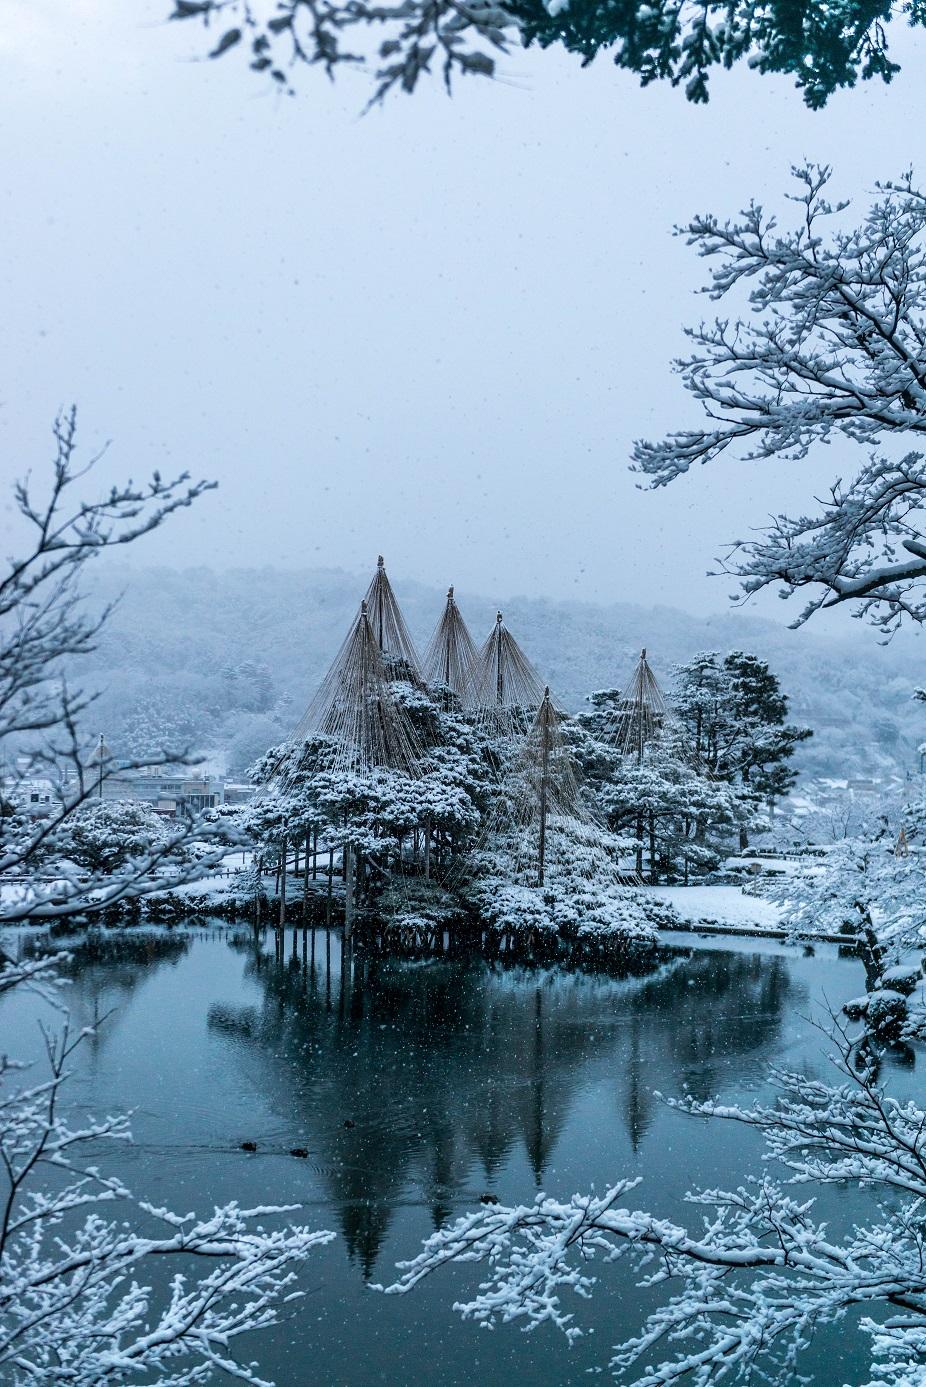 2016.02.25兼六園の雪景色4.2